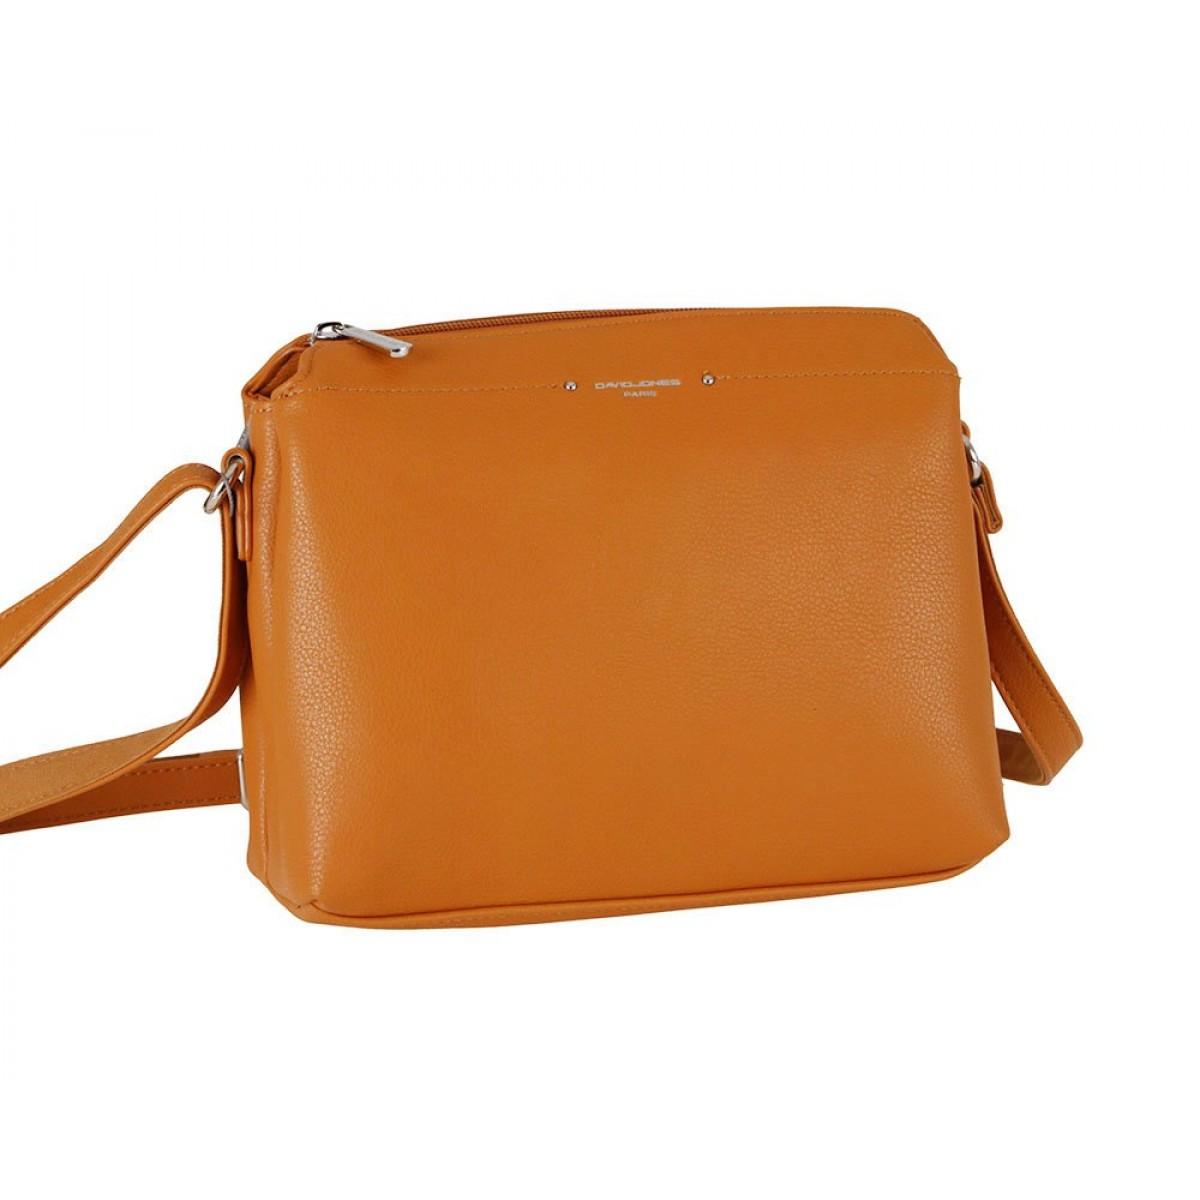 Жіноча сумка David Jones CM6058 COGNAC